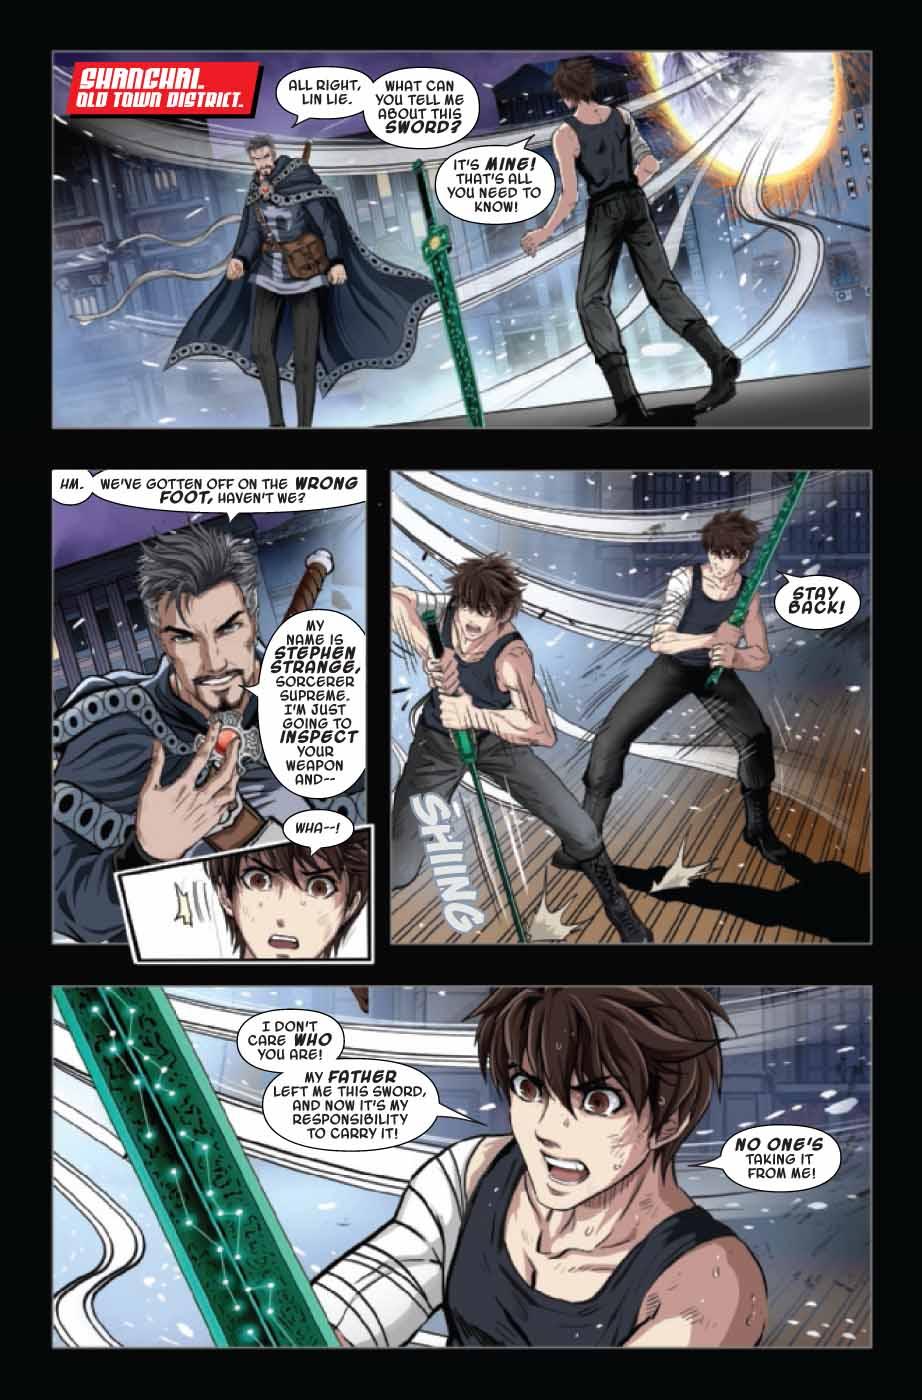 swordmaster62